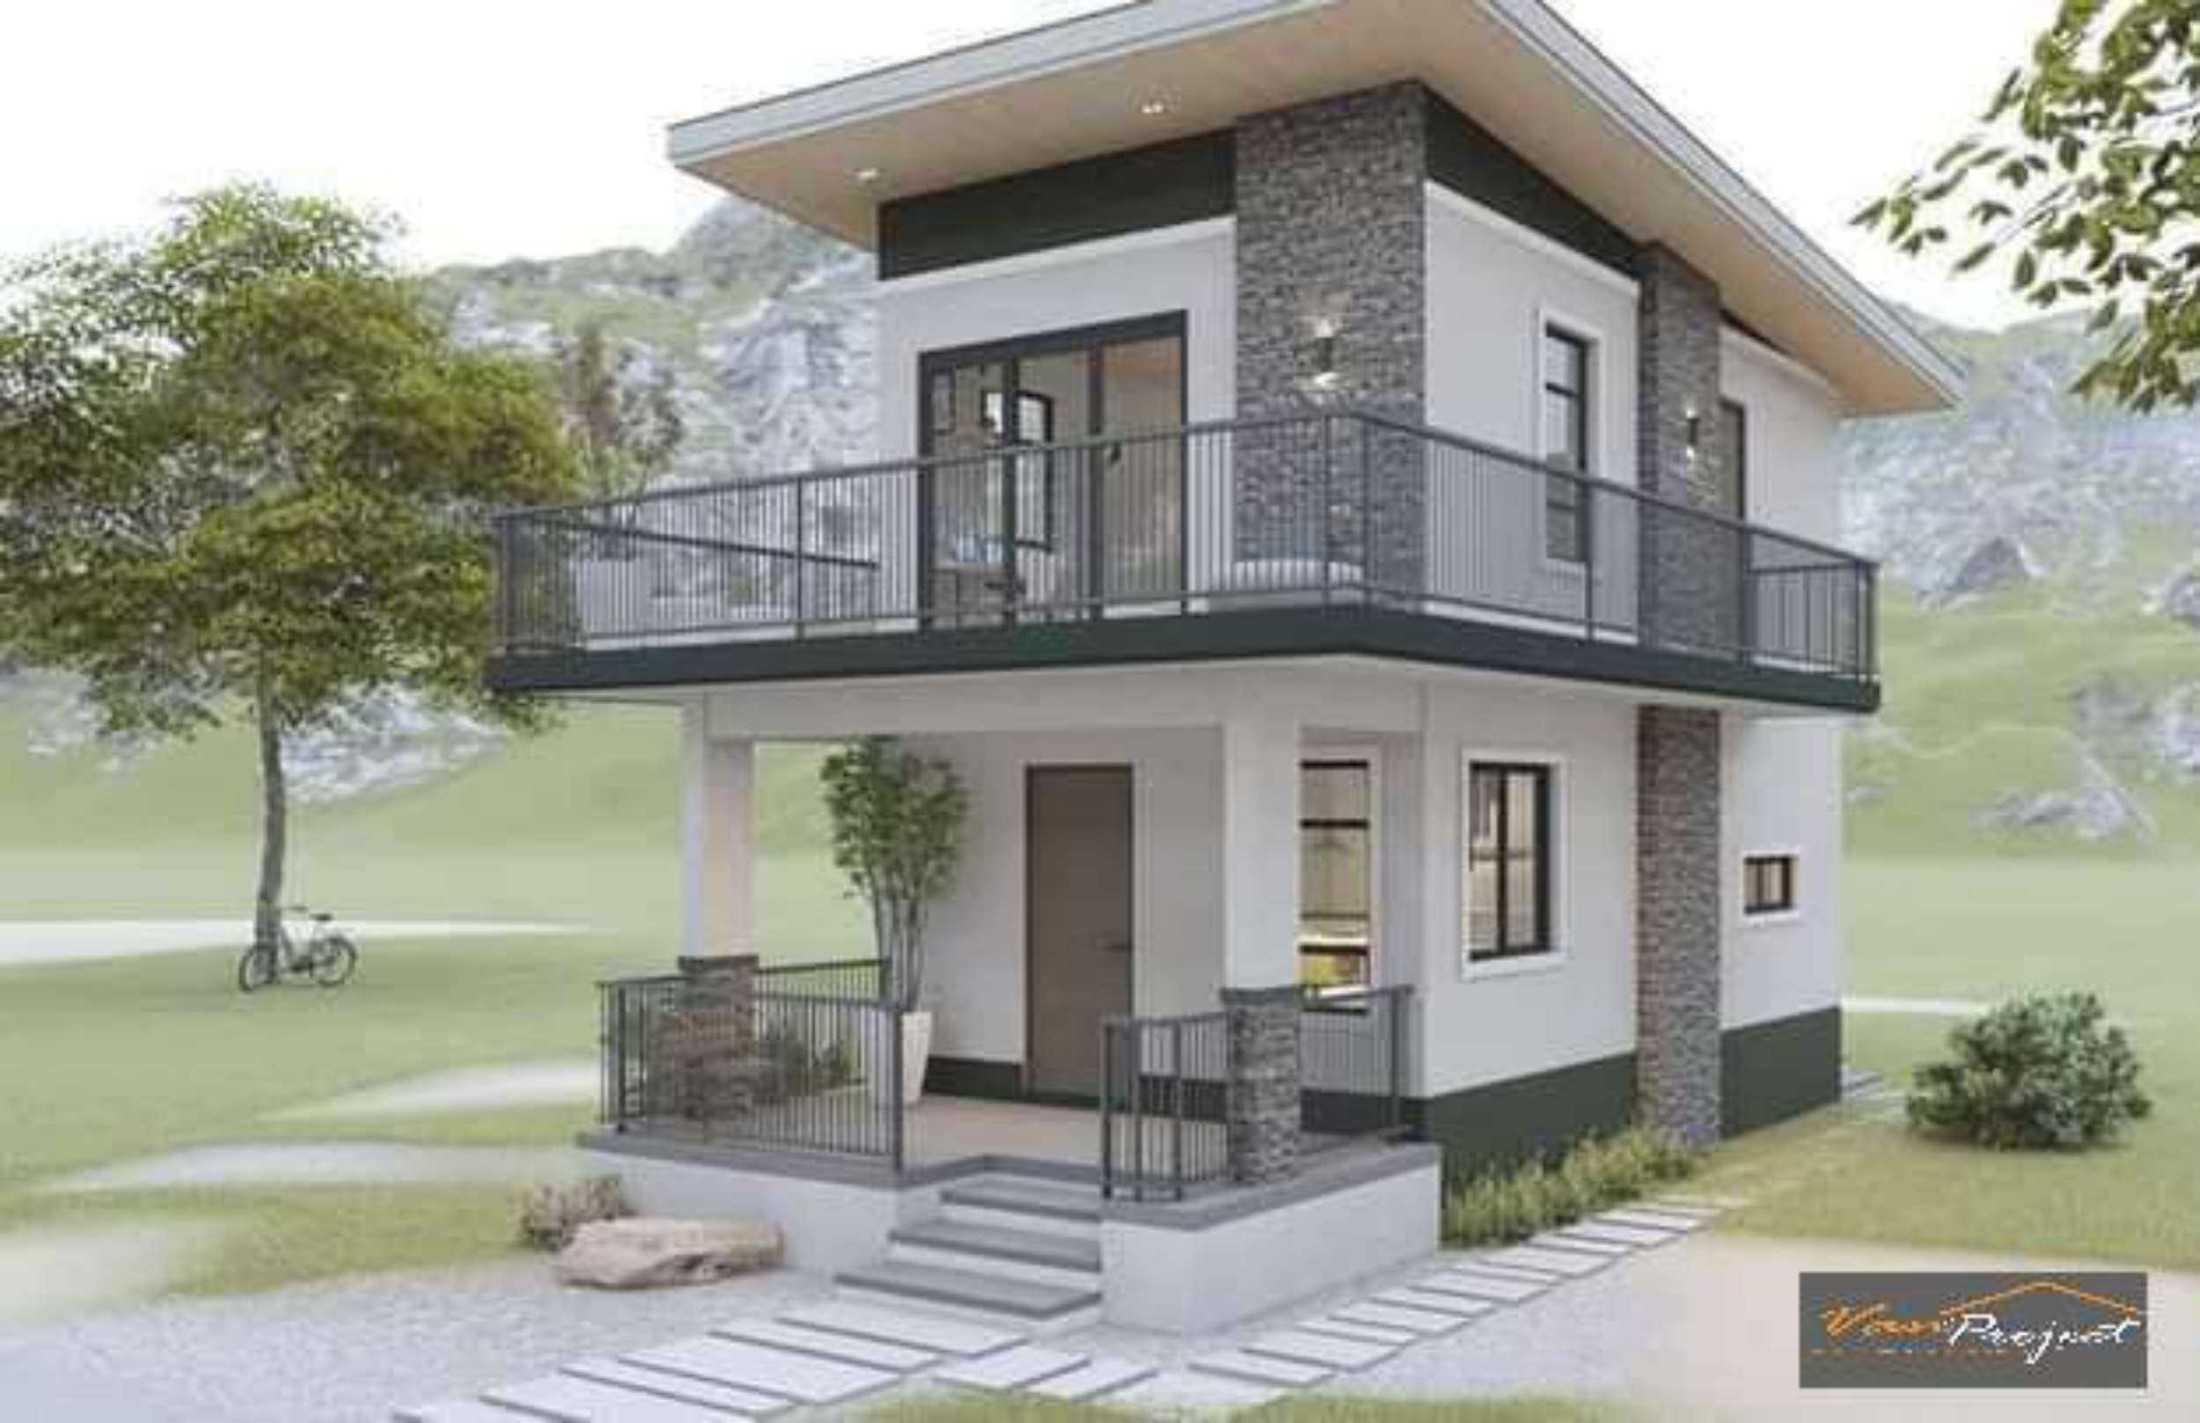 Vanproject 3D Design And Build Kota Depok, Jawa Barat, Indonesia Kota Depok, Jawa Barat, Indonesia Vanproject-3D-Design-And-Build  128500